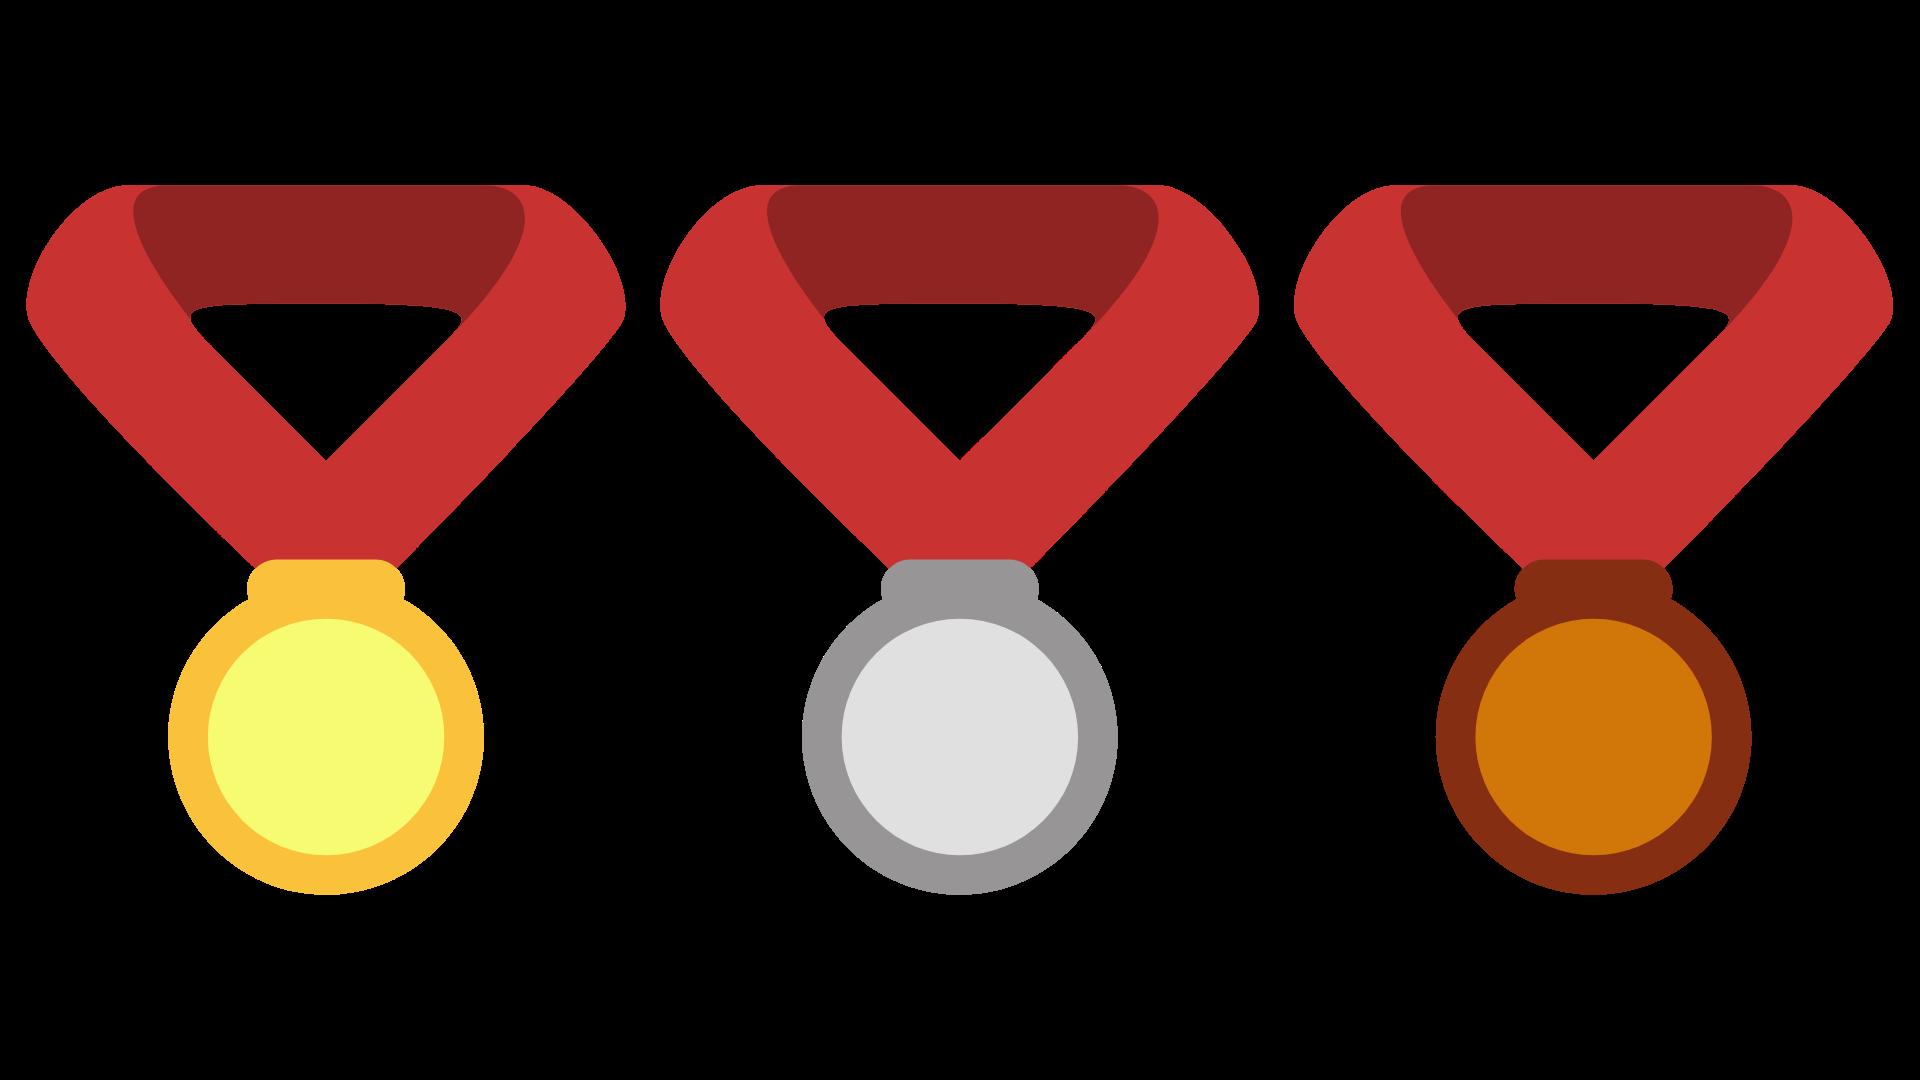 Gold Medal5+ Completed EventsPlus Final ChallengeSilver Medal3-4 Completed EventsPlus Final ChallengeBronze Medal2 Completed EventsPlus Final Challenge -